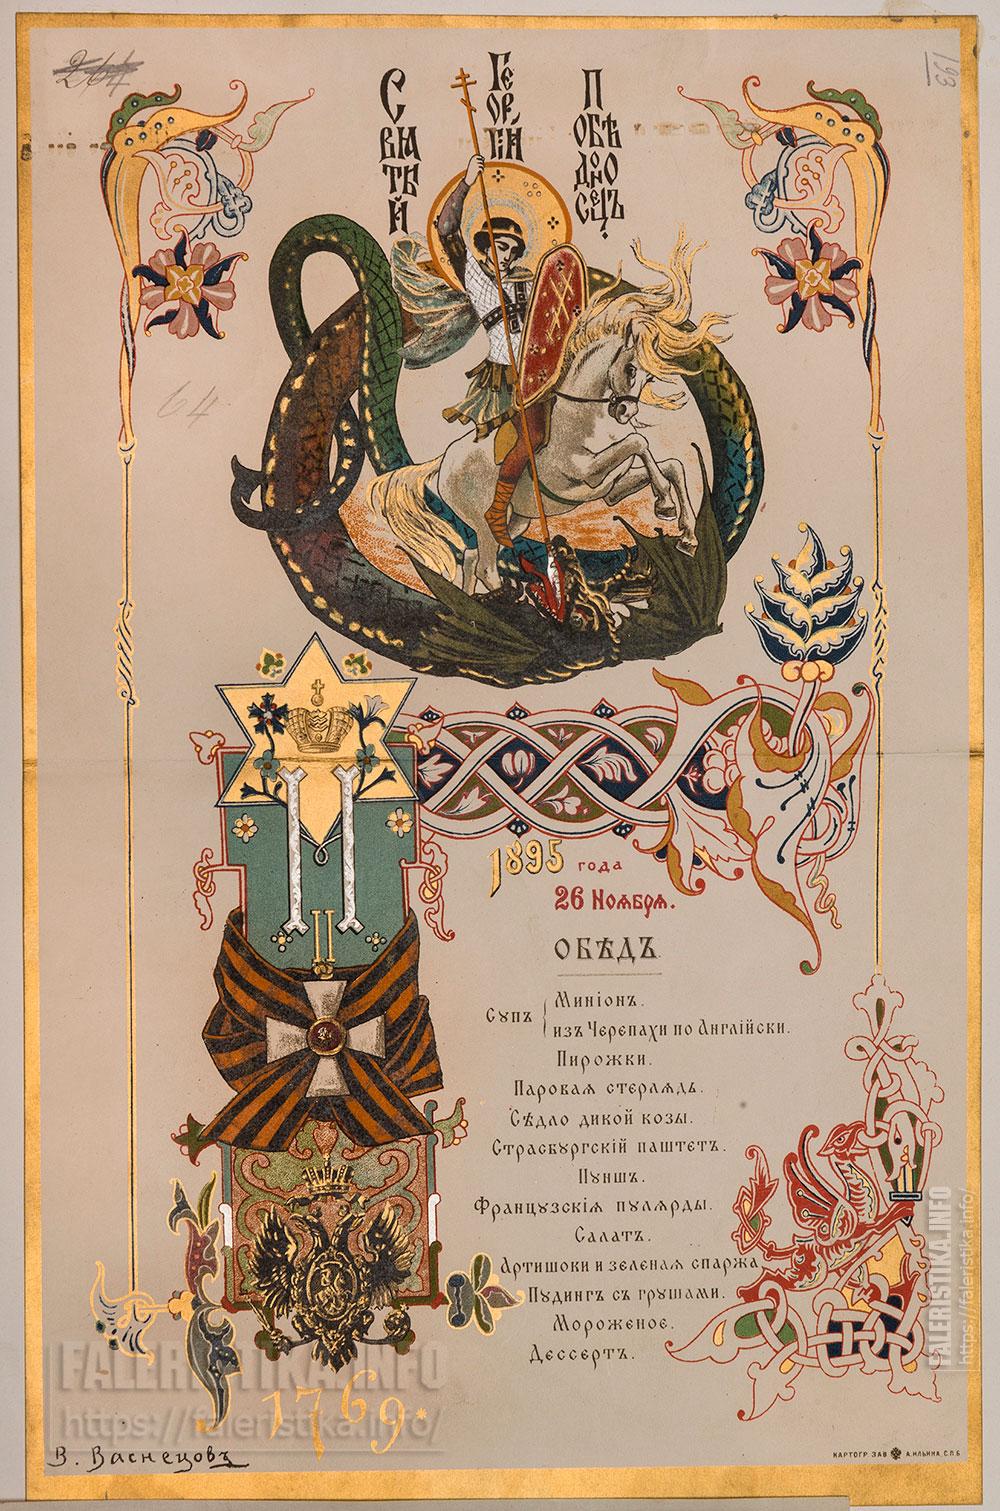 Ил. 9. В.М. Васнецов. Меню обеда в Зимнем дворце 26 ноября 1895 года в День св. Георгия. 1895. Хромолитография. Из альбома В.А. Адлерберга. Государственный Эрмитаж